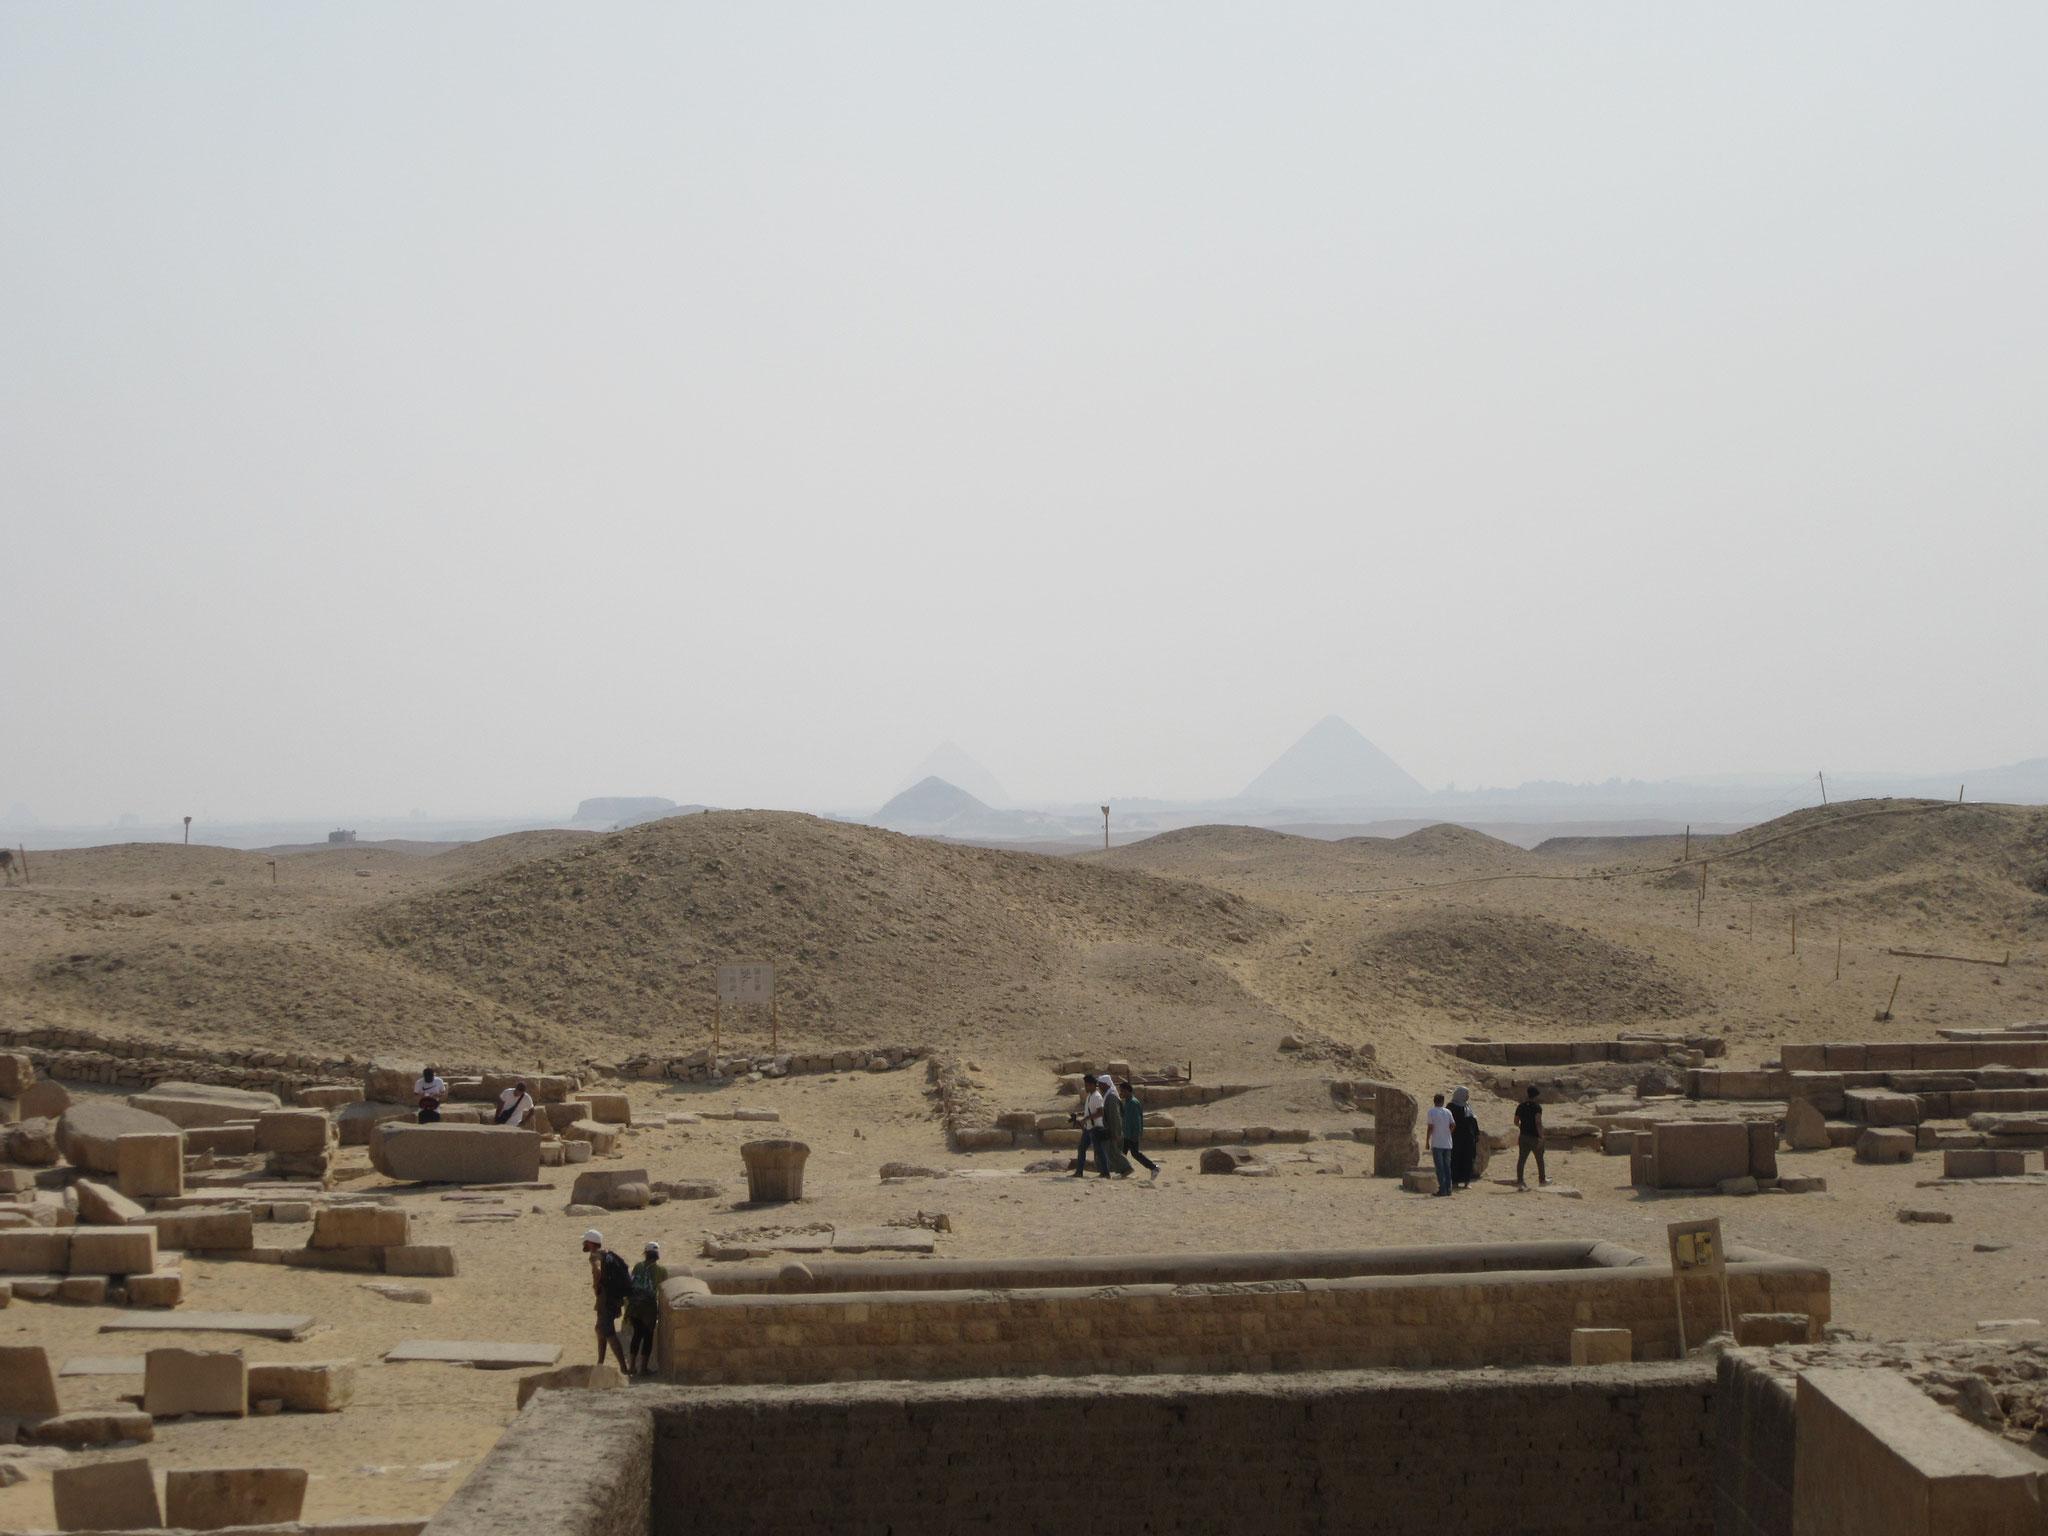 Am Horizont erkennt man weitere Pyramide